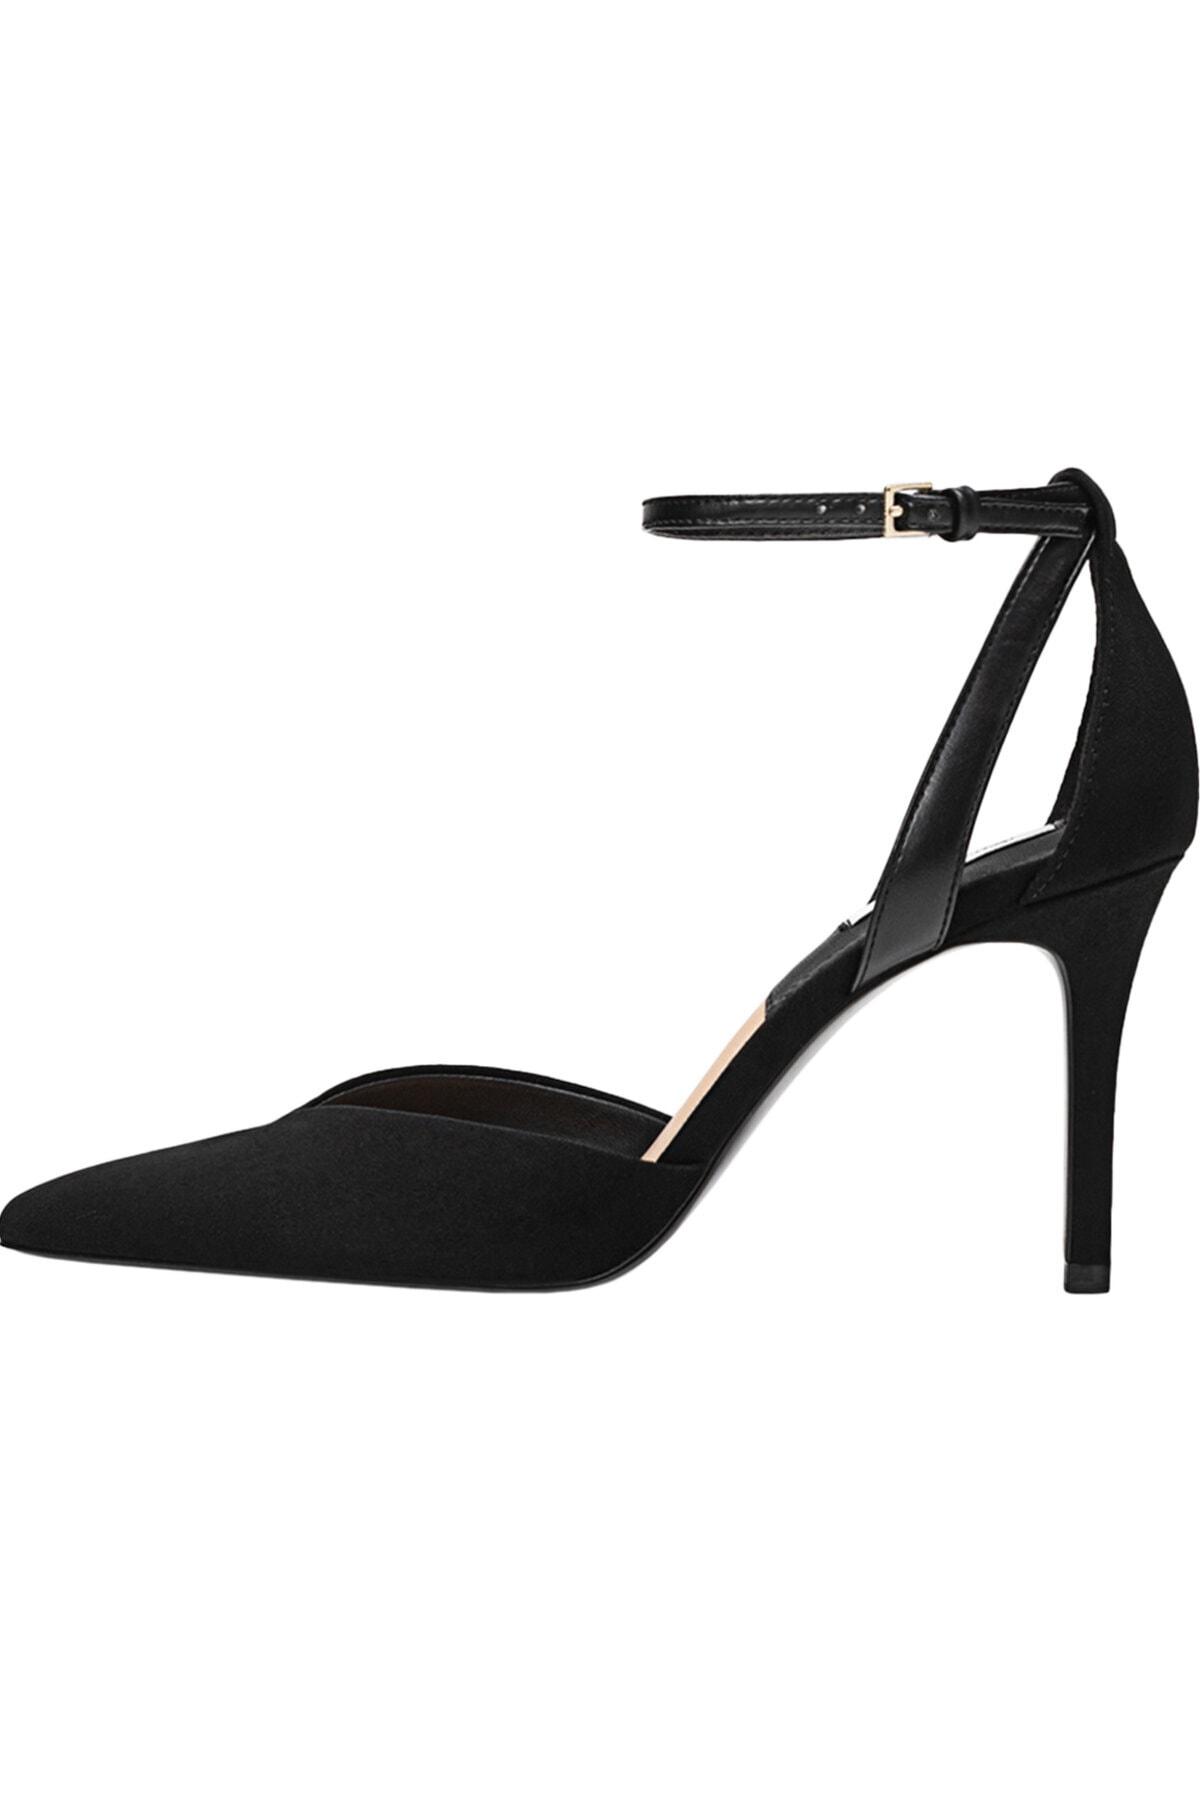 Stradivarius Kadın Siyah Bilekten Bantlı Yüksek Topuklu Ayakkabı 19153770